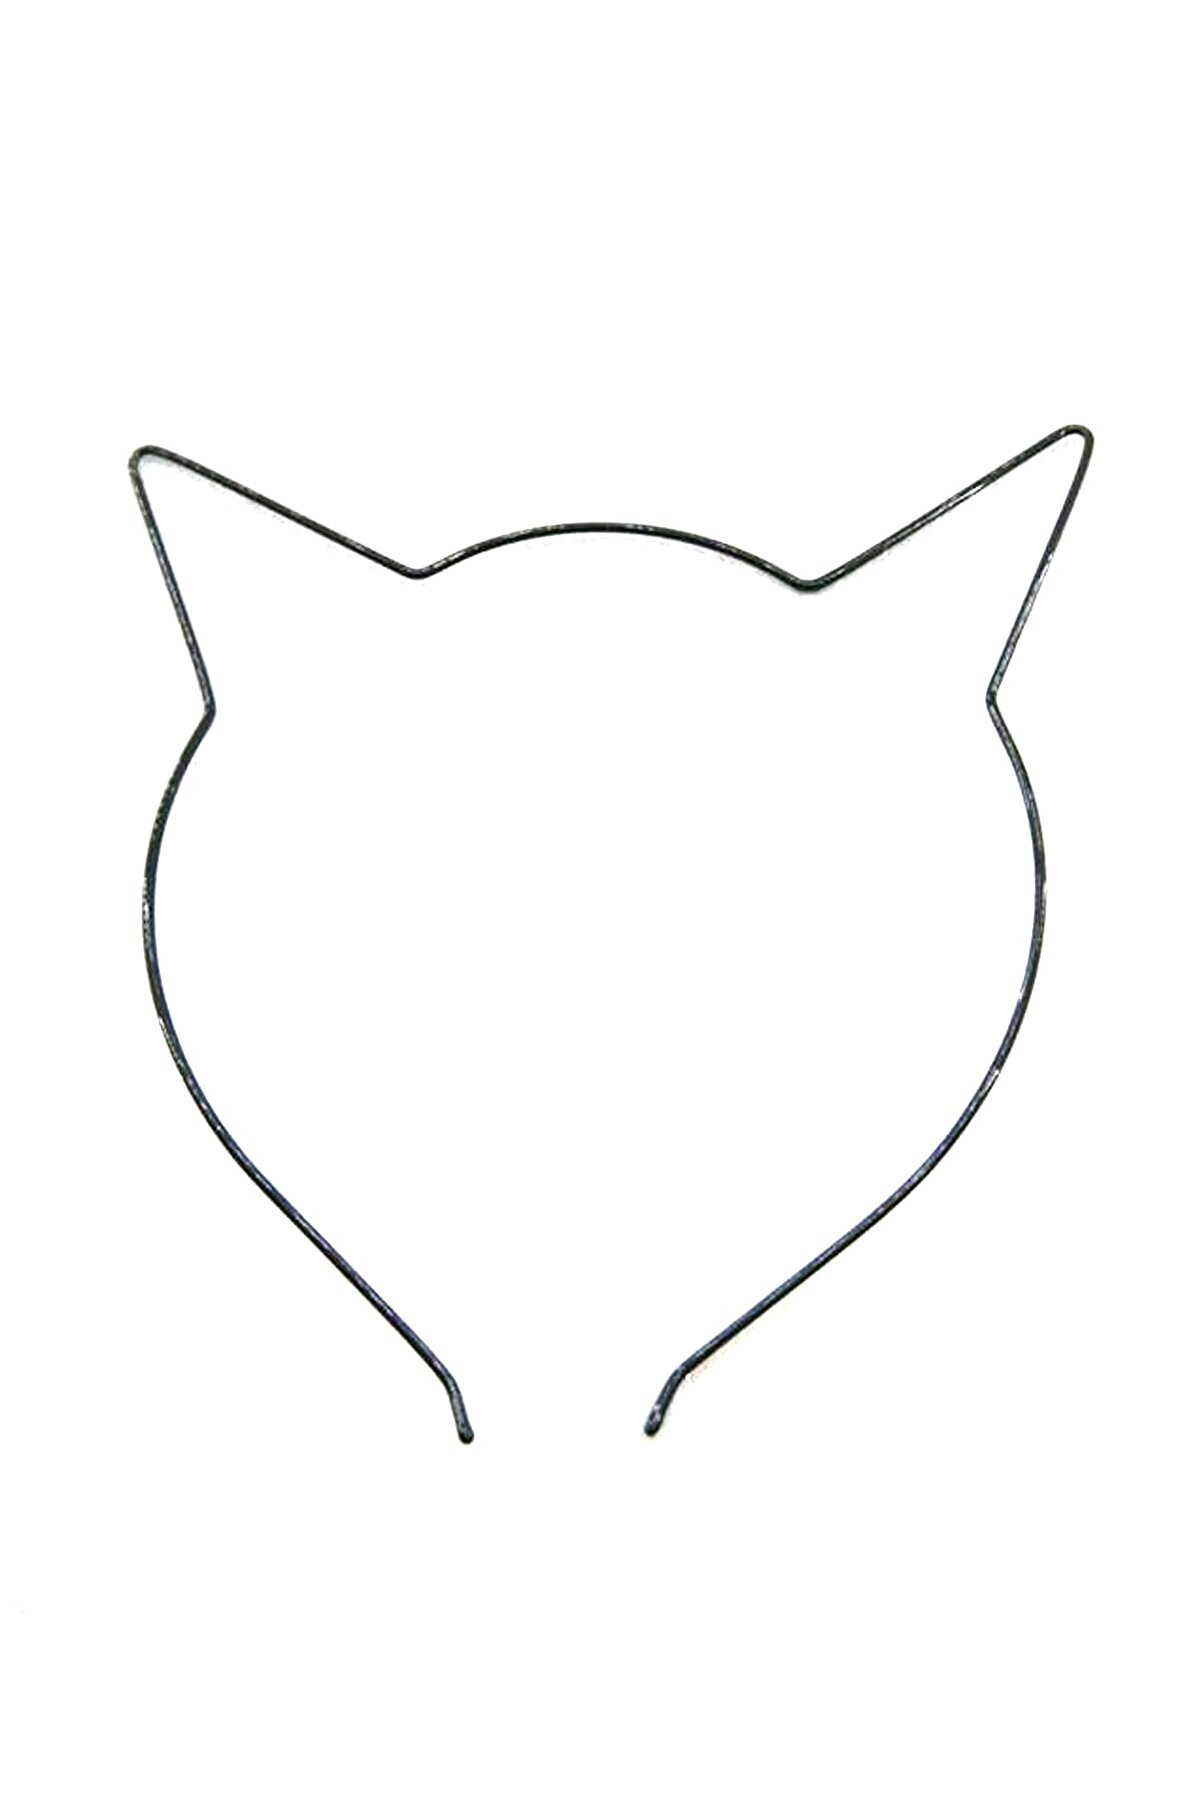 Tahtakaledeyim Kedi Figürlü Metal Taç, Kadın Saç Tacı